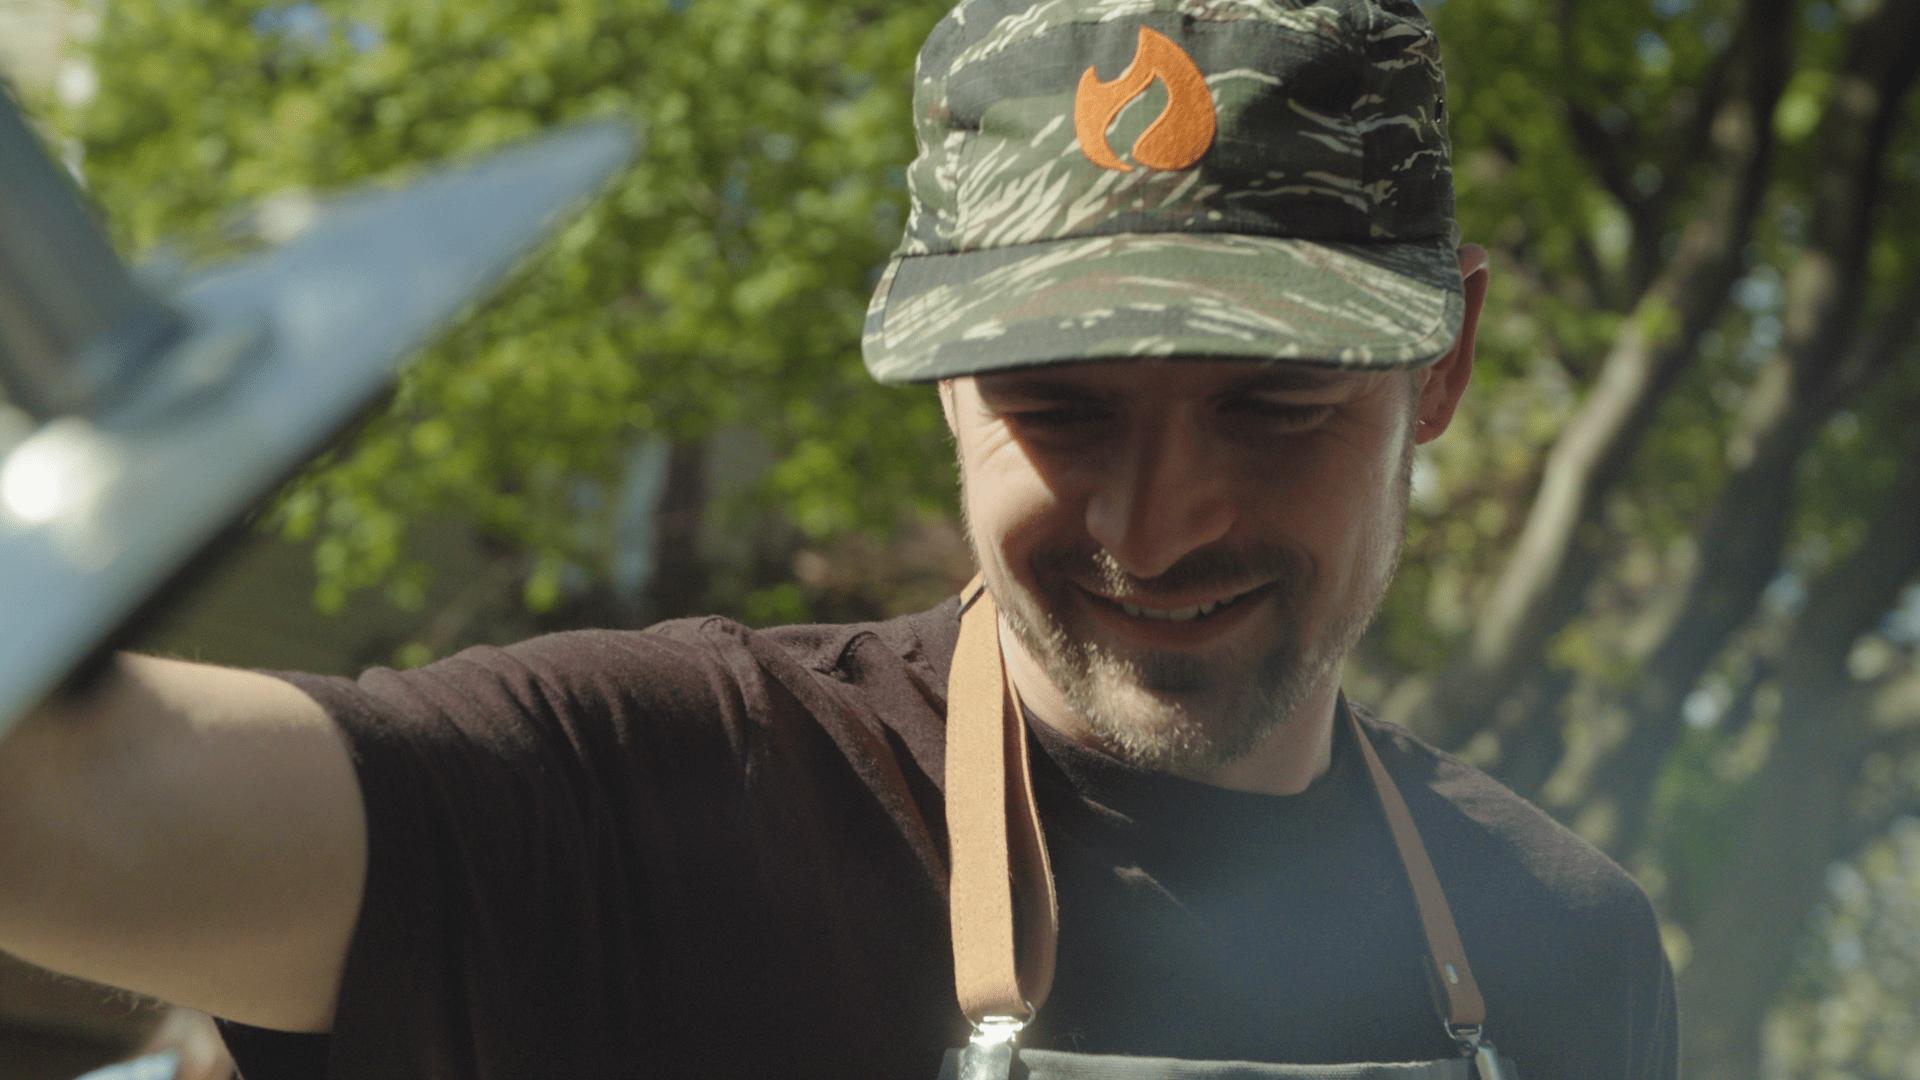 Deux façons de préparer une brisket au barbecue